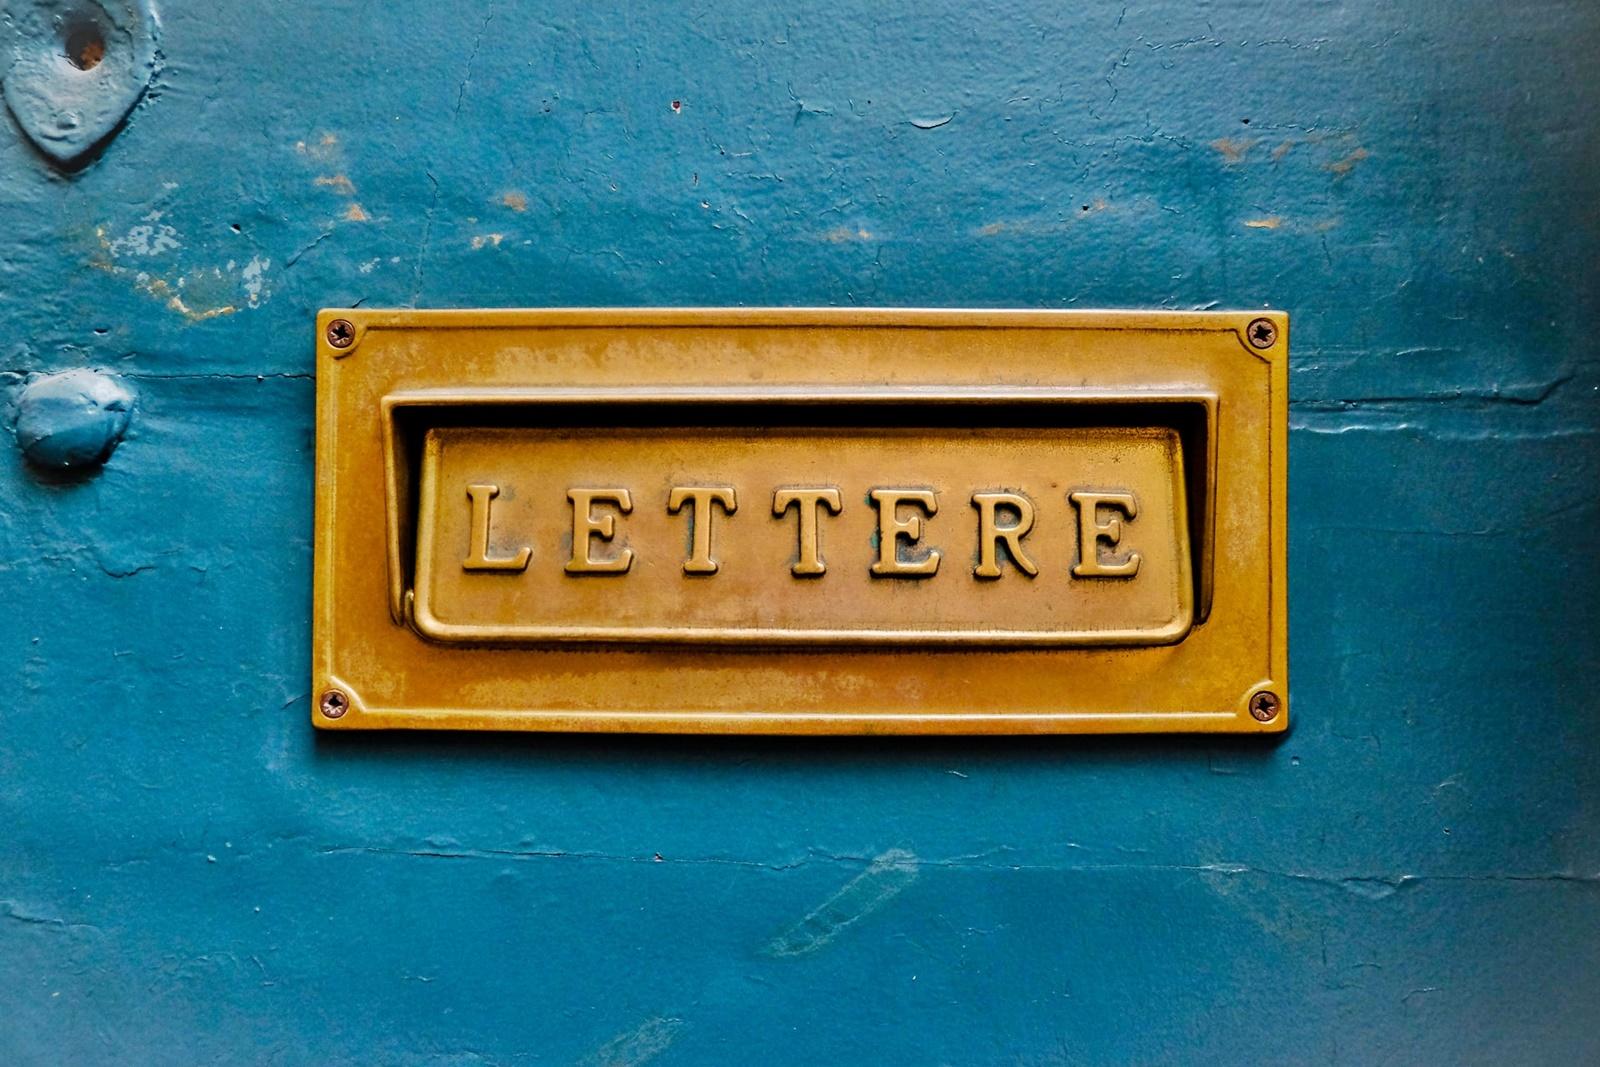 一目惚れ相手に渡す手紙の書き方。心が動く5つのポイント